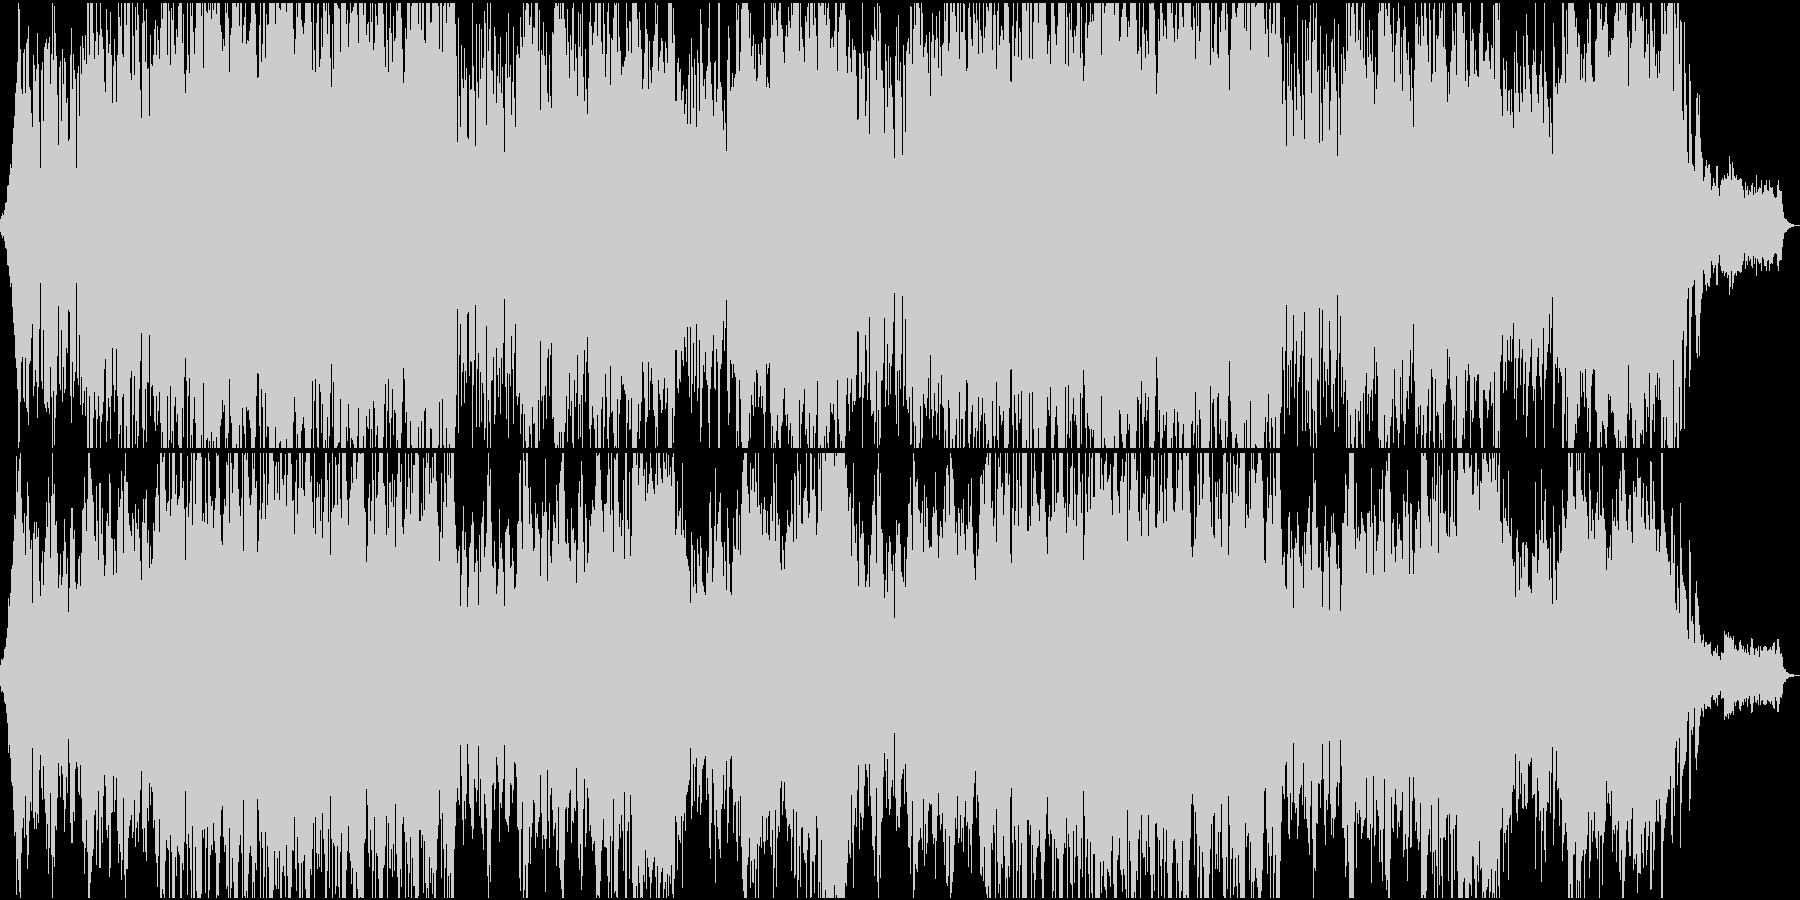 オーケストラ風のBGMの未再生の波形